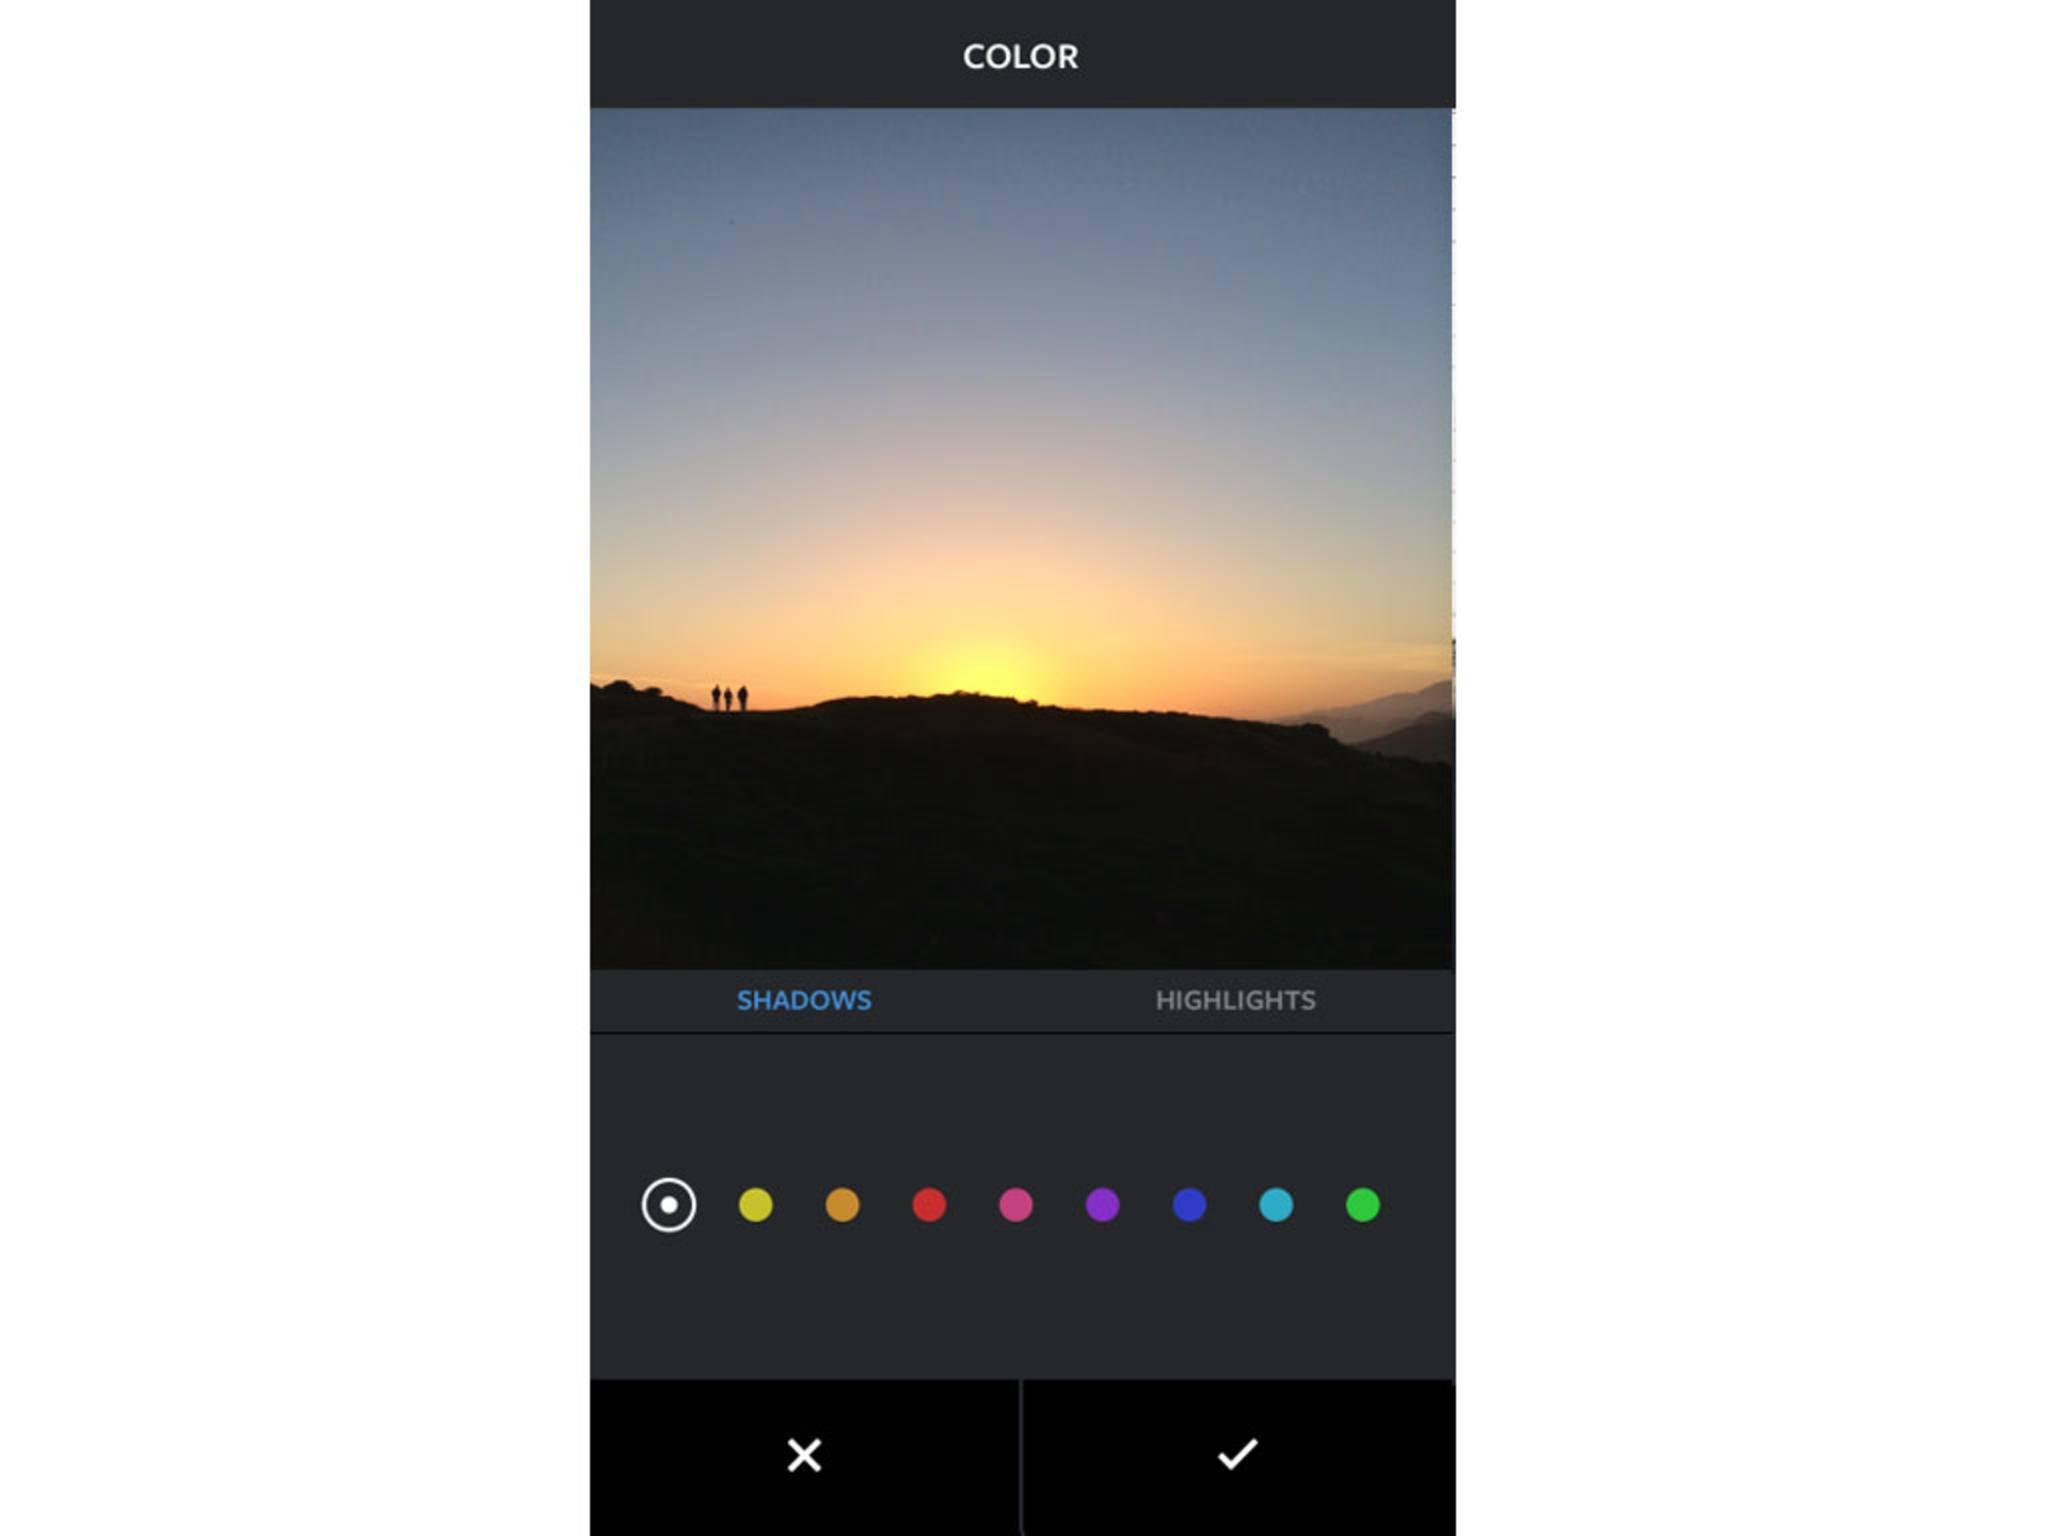 Mit dem Color-Tool sind diverse Einfärbungen möglich ...